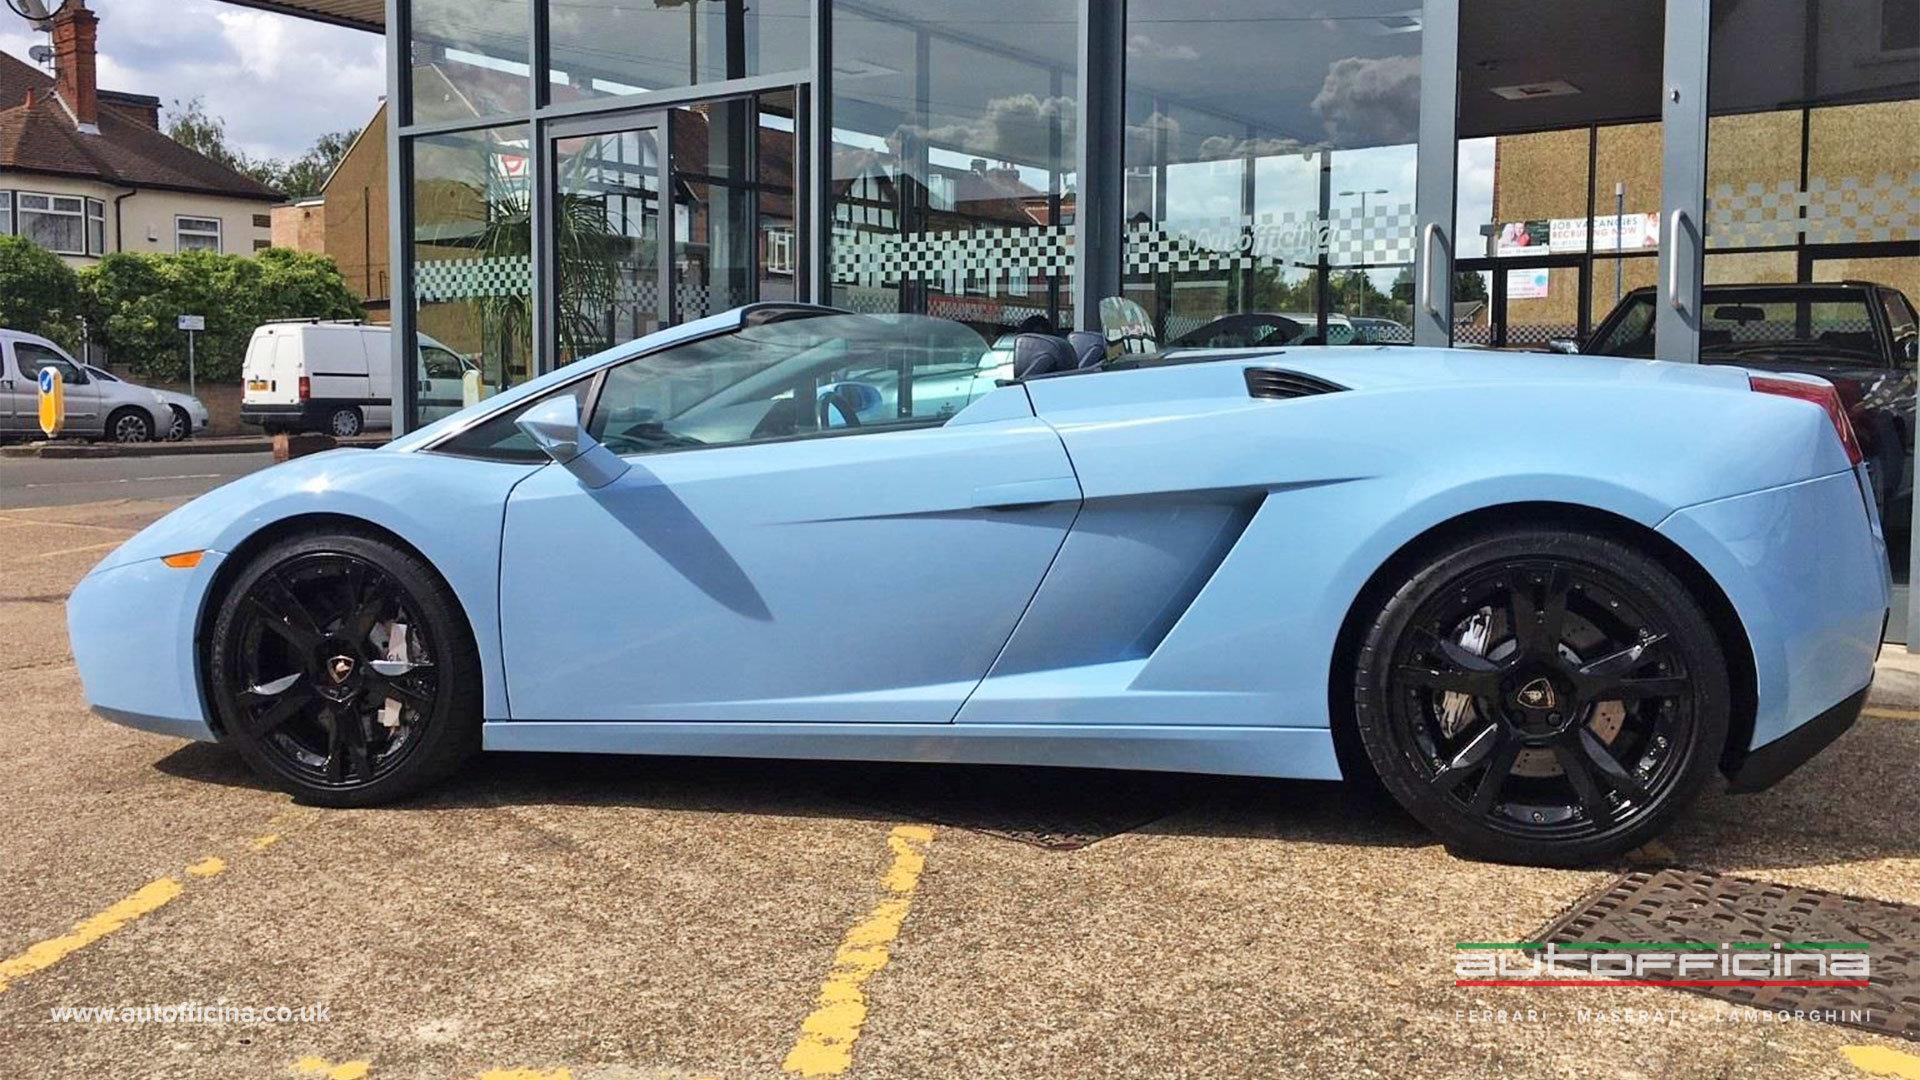 2007 Lamborghini Gallardo For Sale (picture 1 of 5)